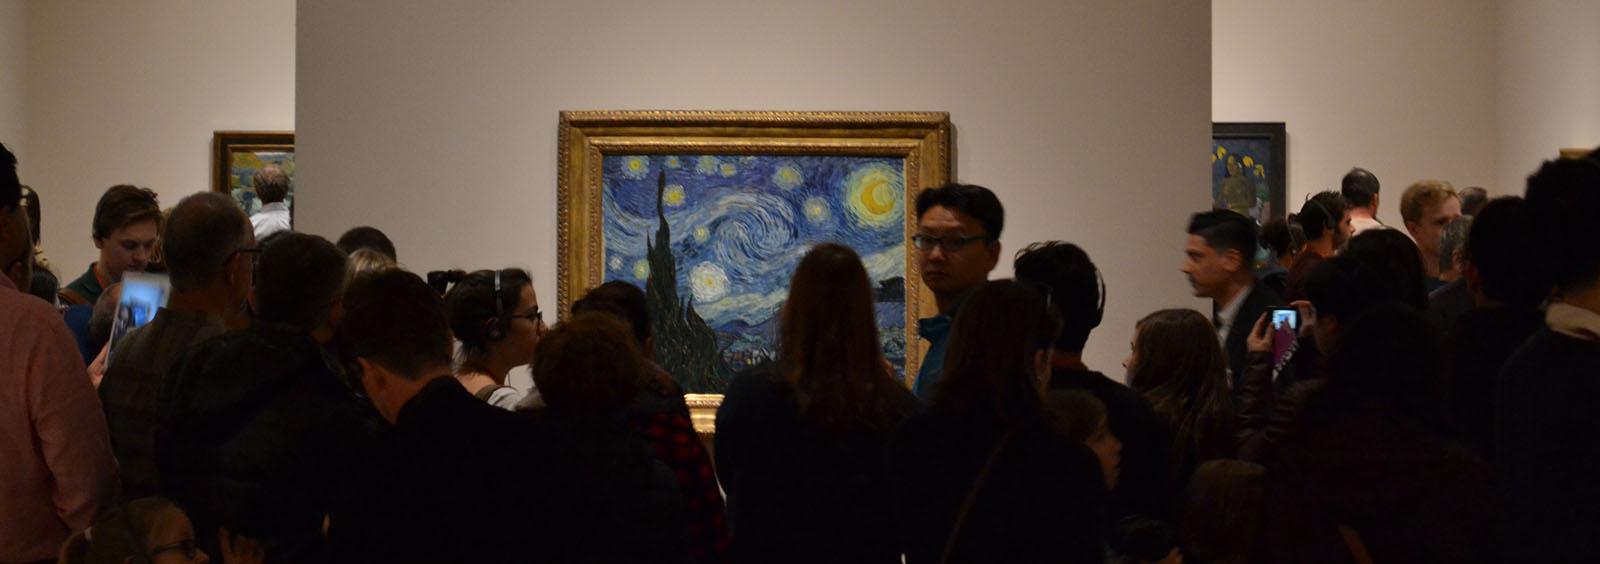 Consejos Indispensables para visitar el MOMA de Nueva York | Las Mil ...